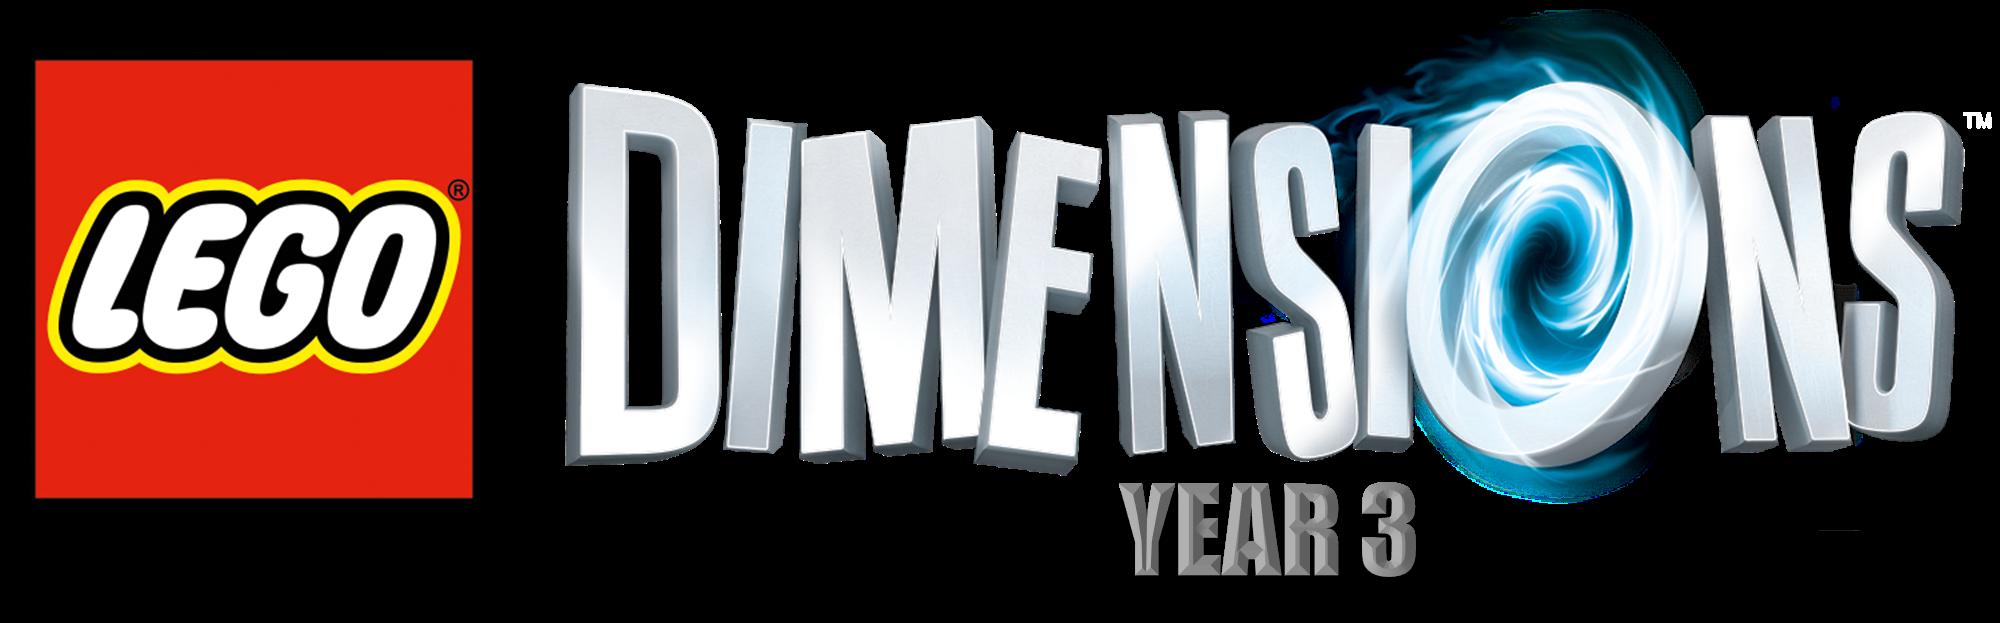 LEGO Dimensions: Year 3